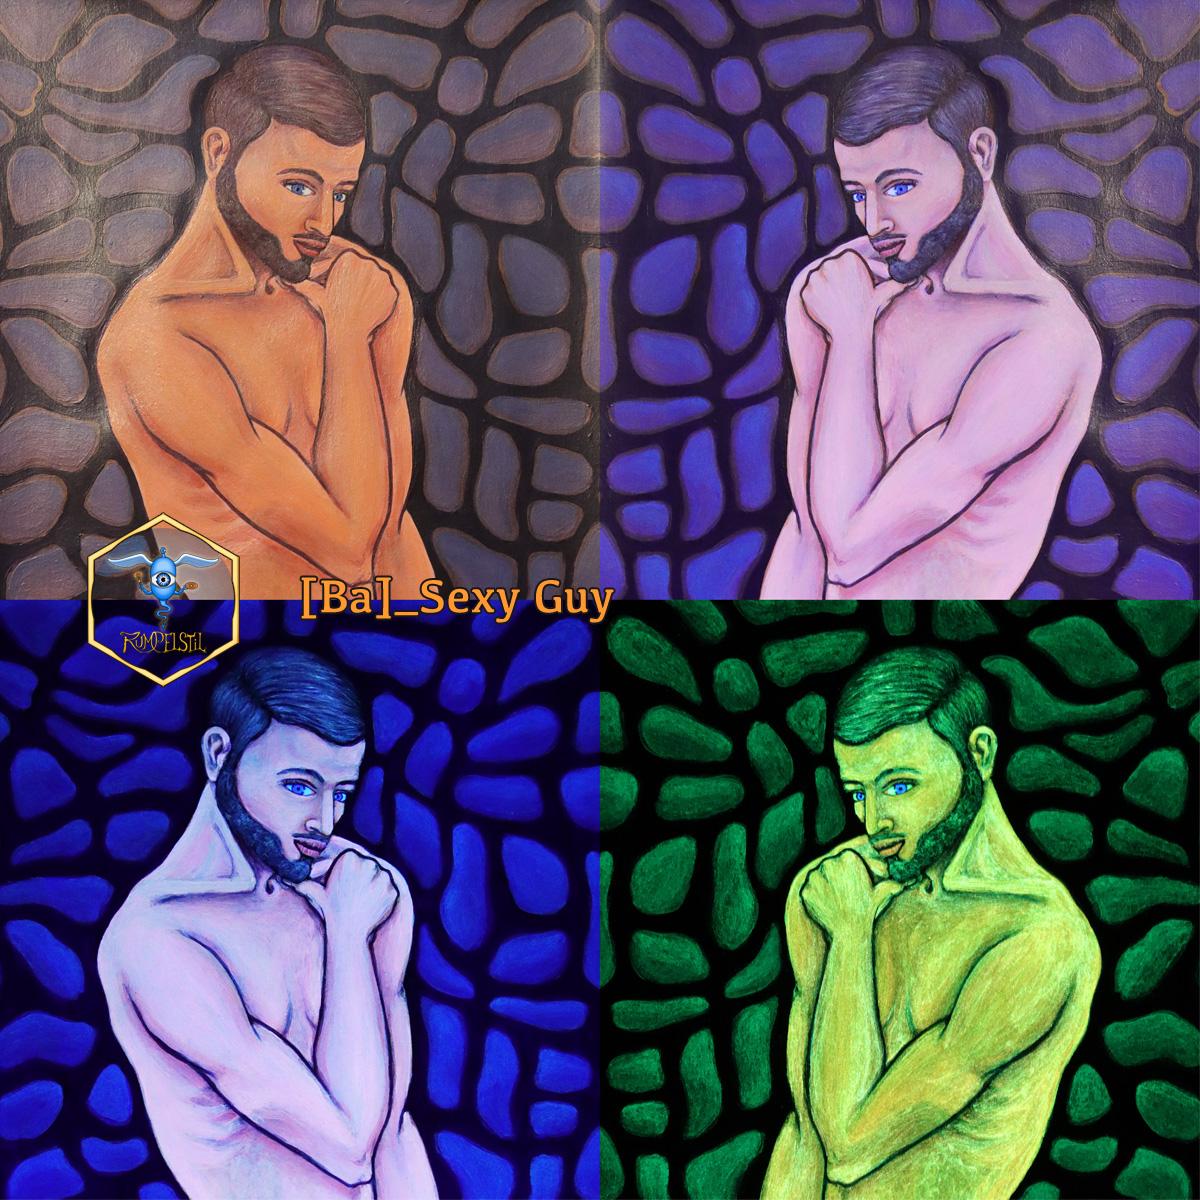 [Ba]_Sexy Guy